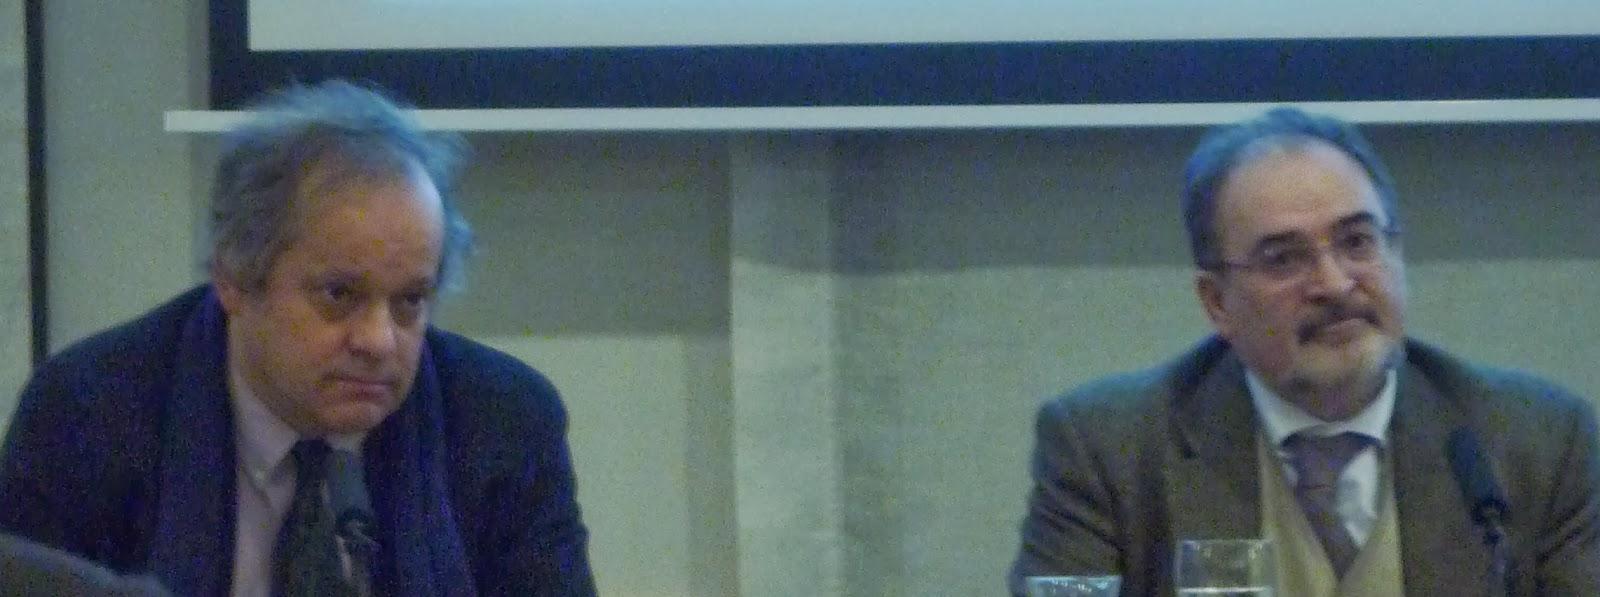 Javier Santillán y Antonio María Ávila